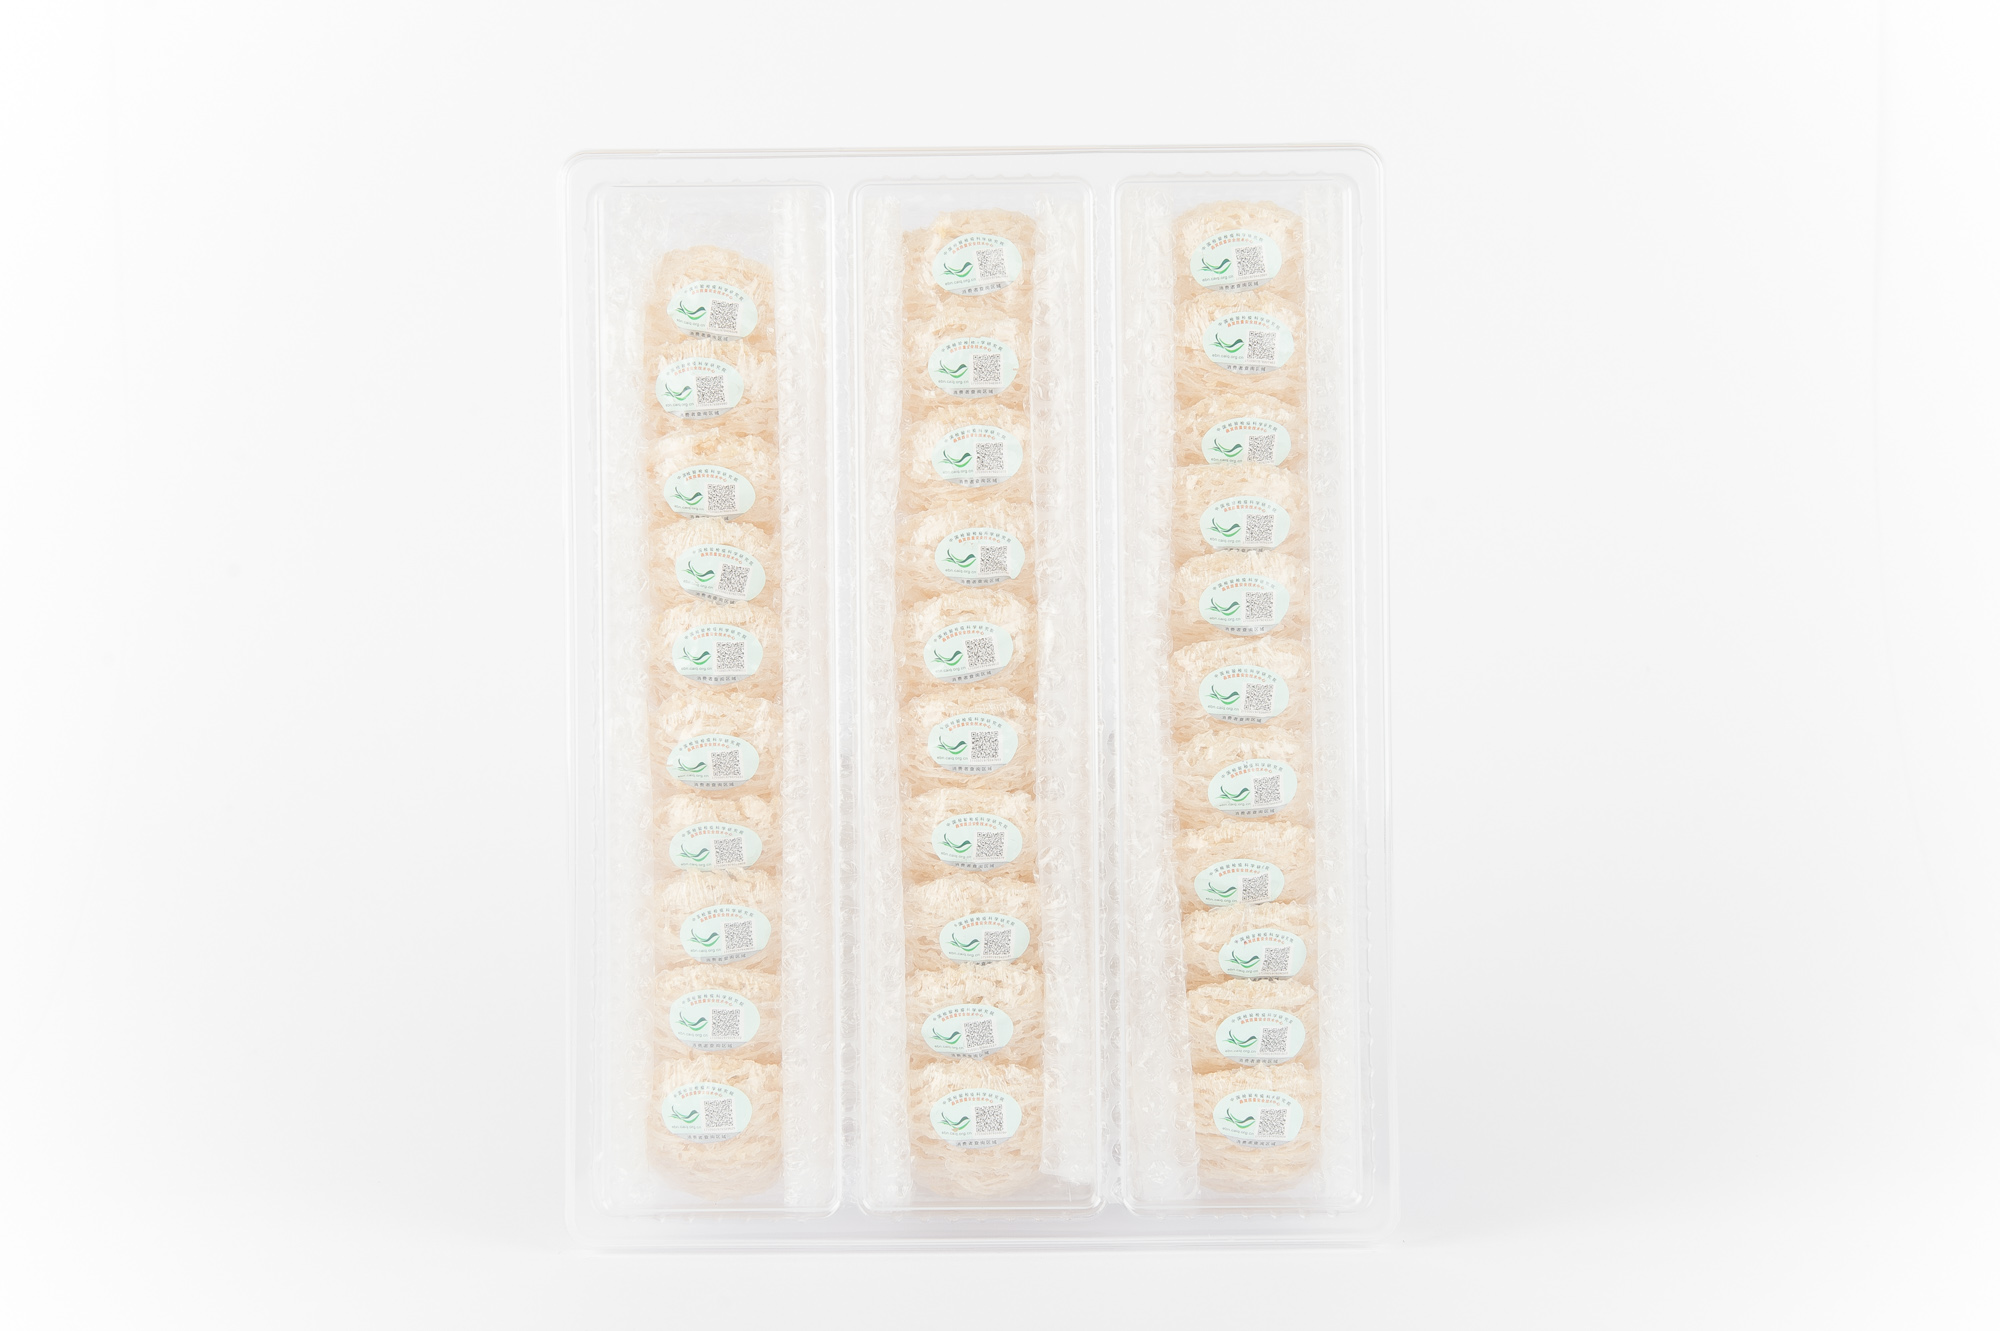 รังนกถ้ำดอกสีขาว(ใบไม้) 250 กรัม